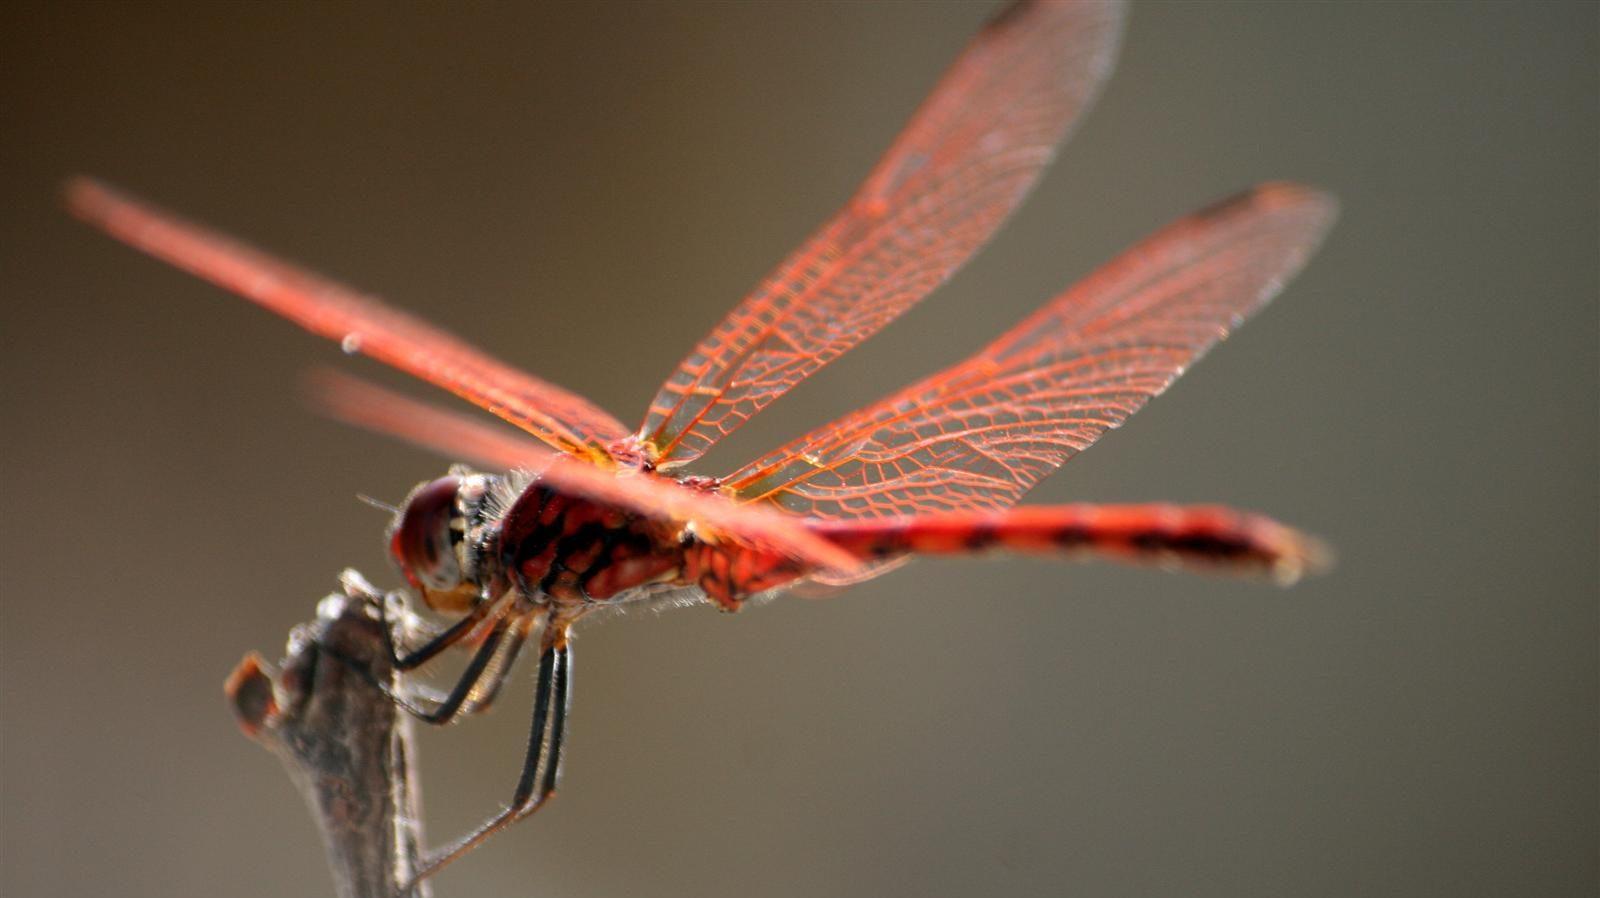 Los pesticidas neonicotinoides son la principal amenaza contra los insectos